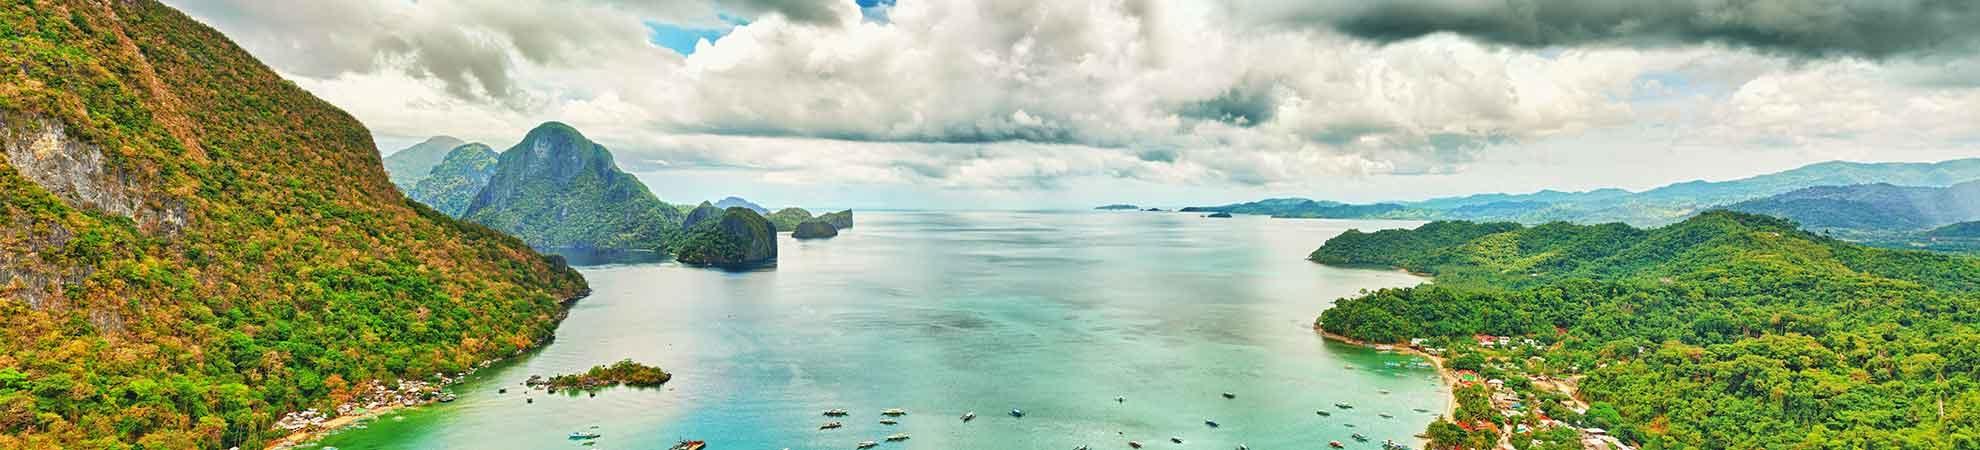 Fiche pays Philippines